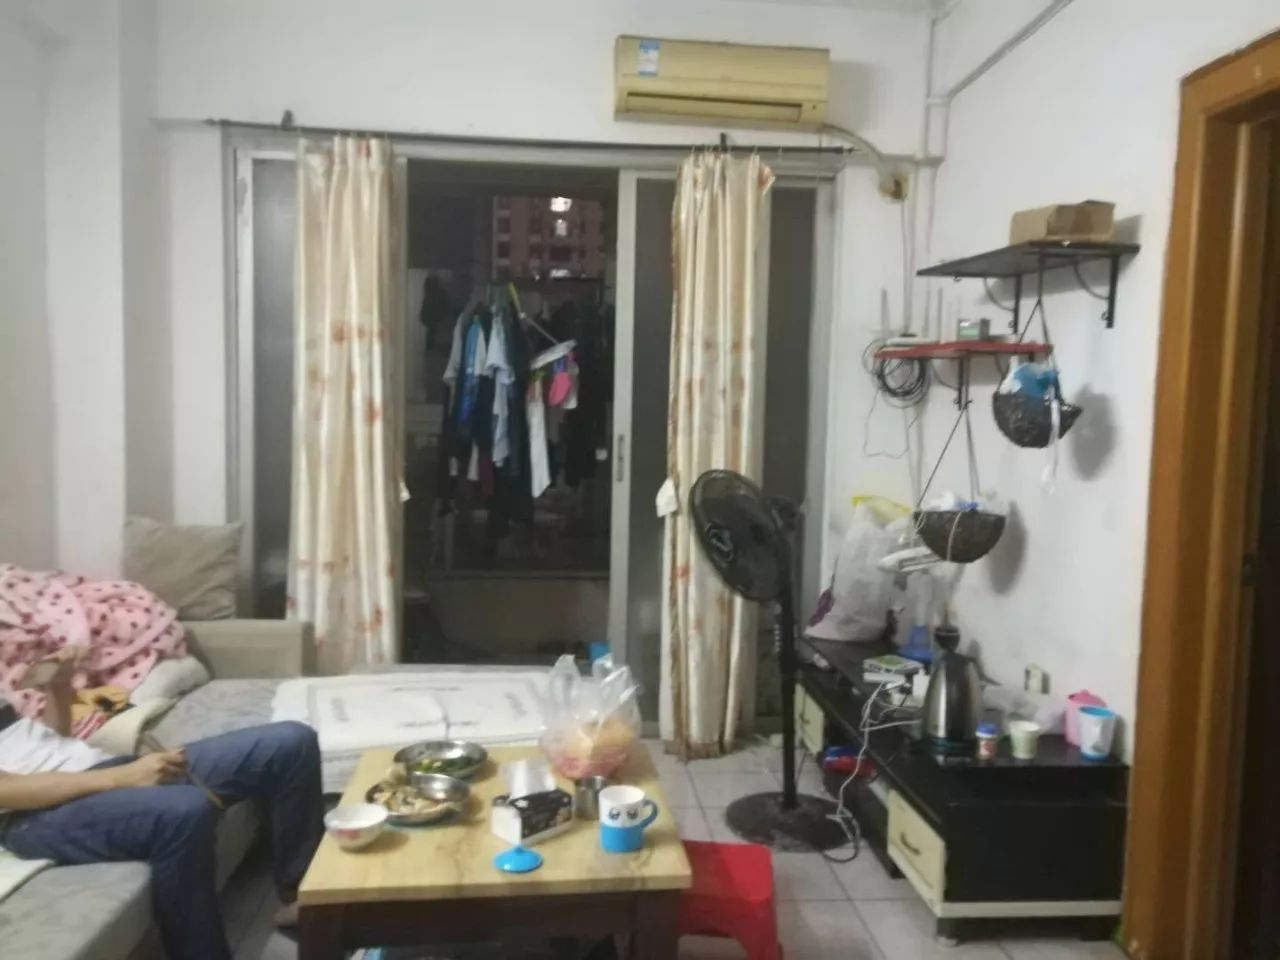 另一房间为原业主在客厅隔出的暗房,没有窗户.图片